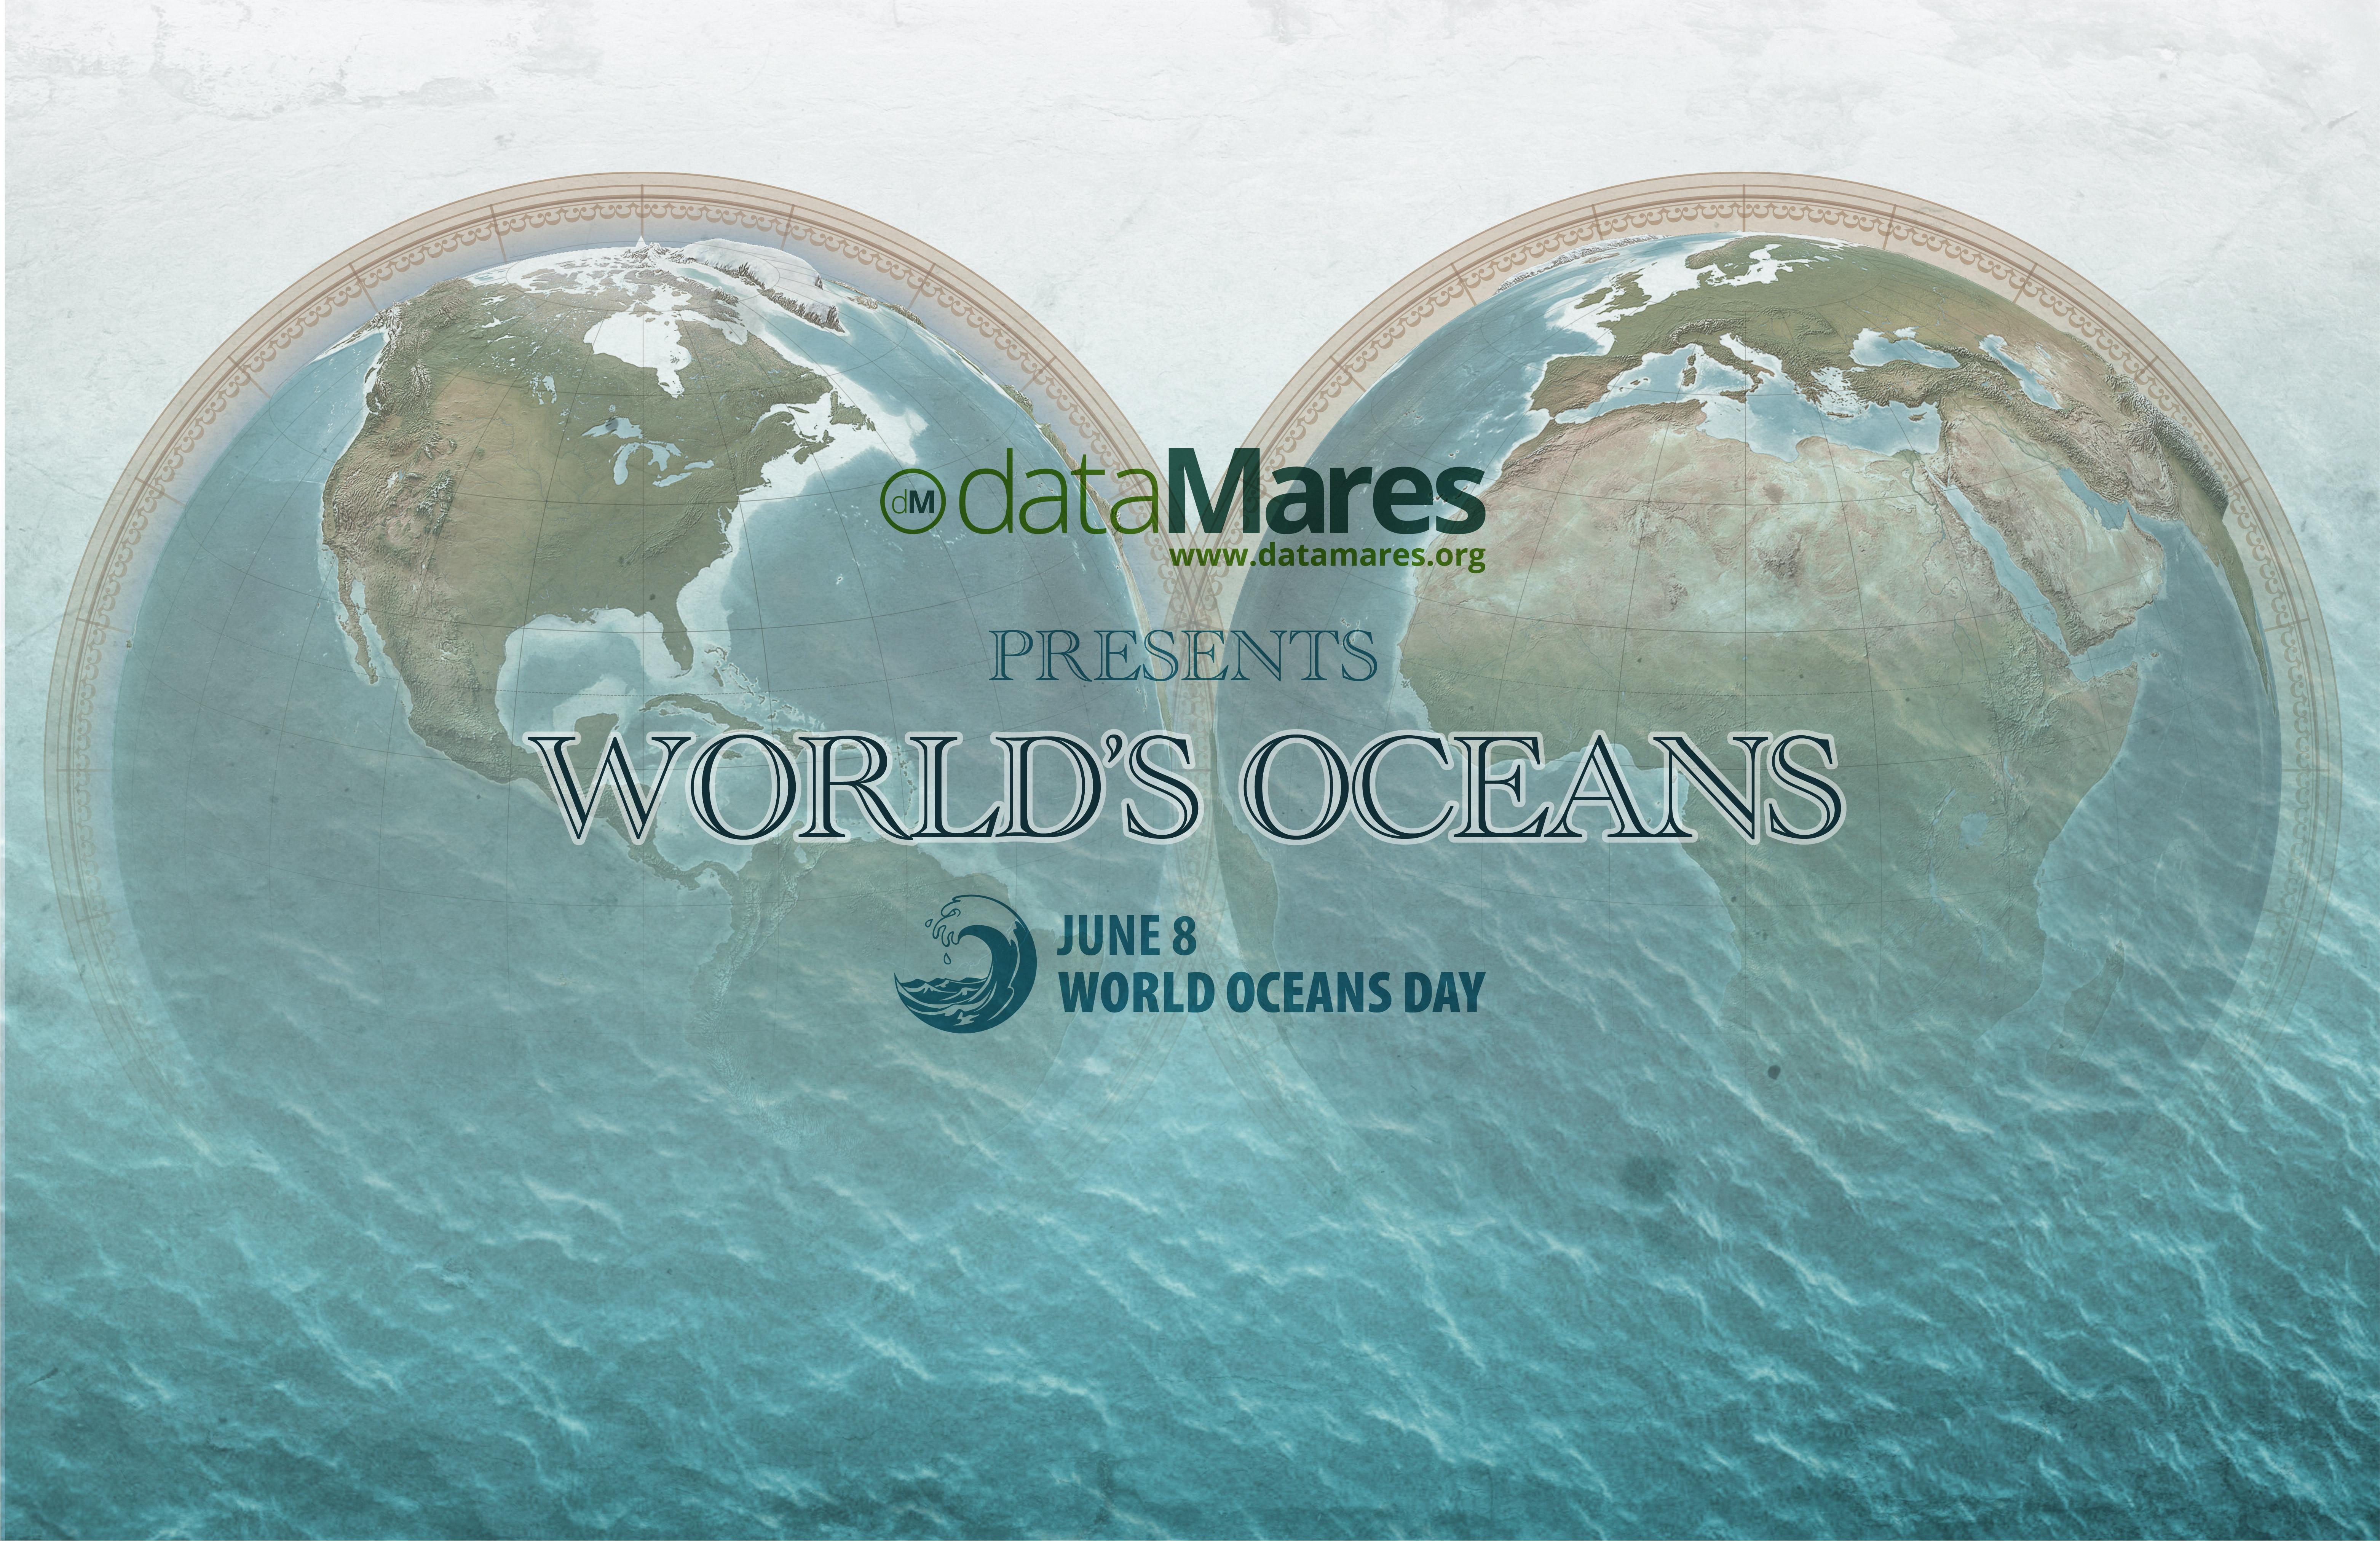 World's Oceans